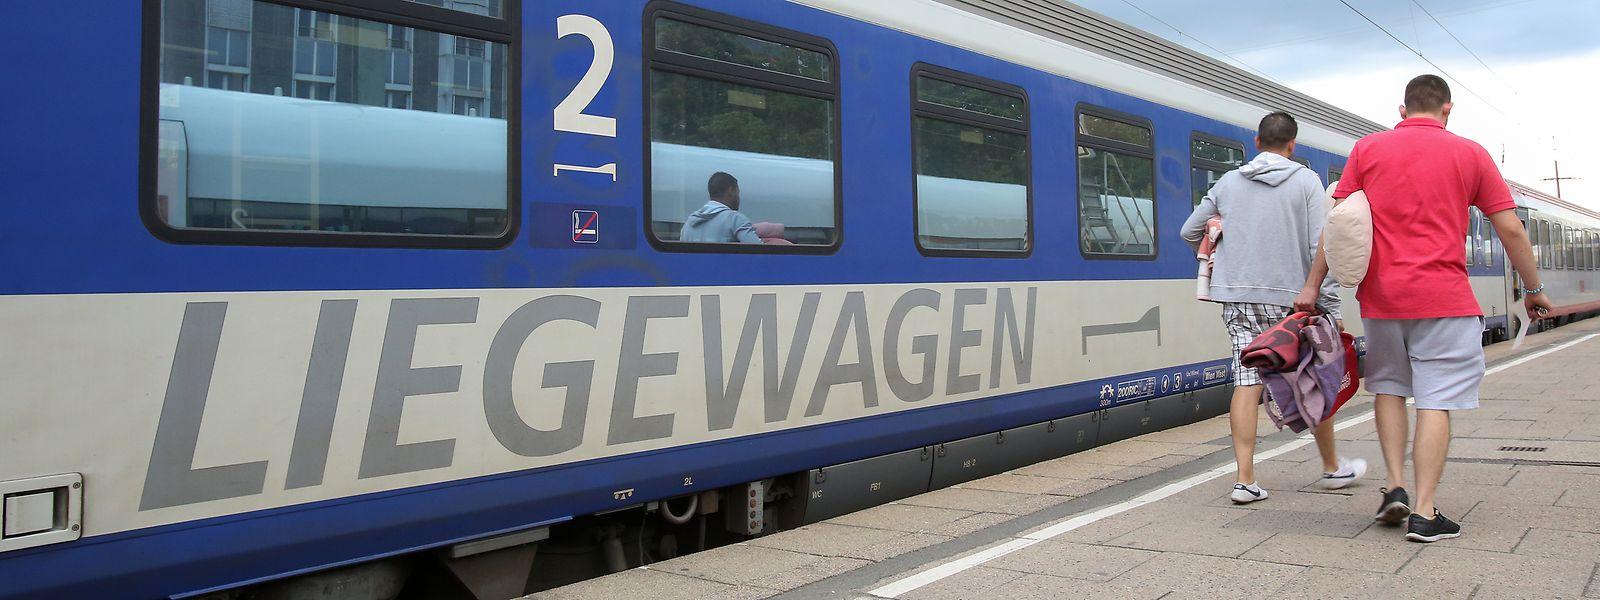 Ein Liegewagen eines Nachtzuges (EuroNight) der ÖBB in Hamburg-Altona.